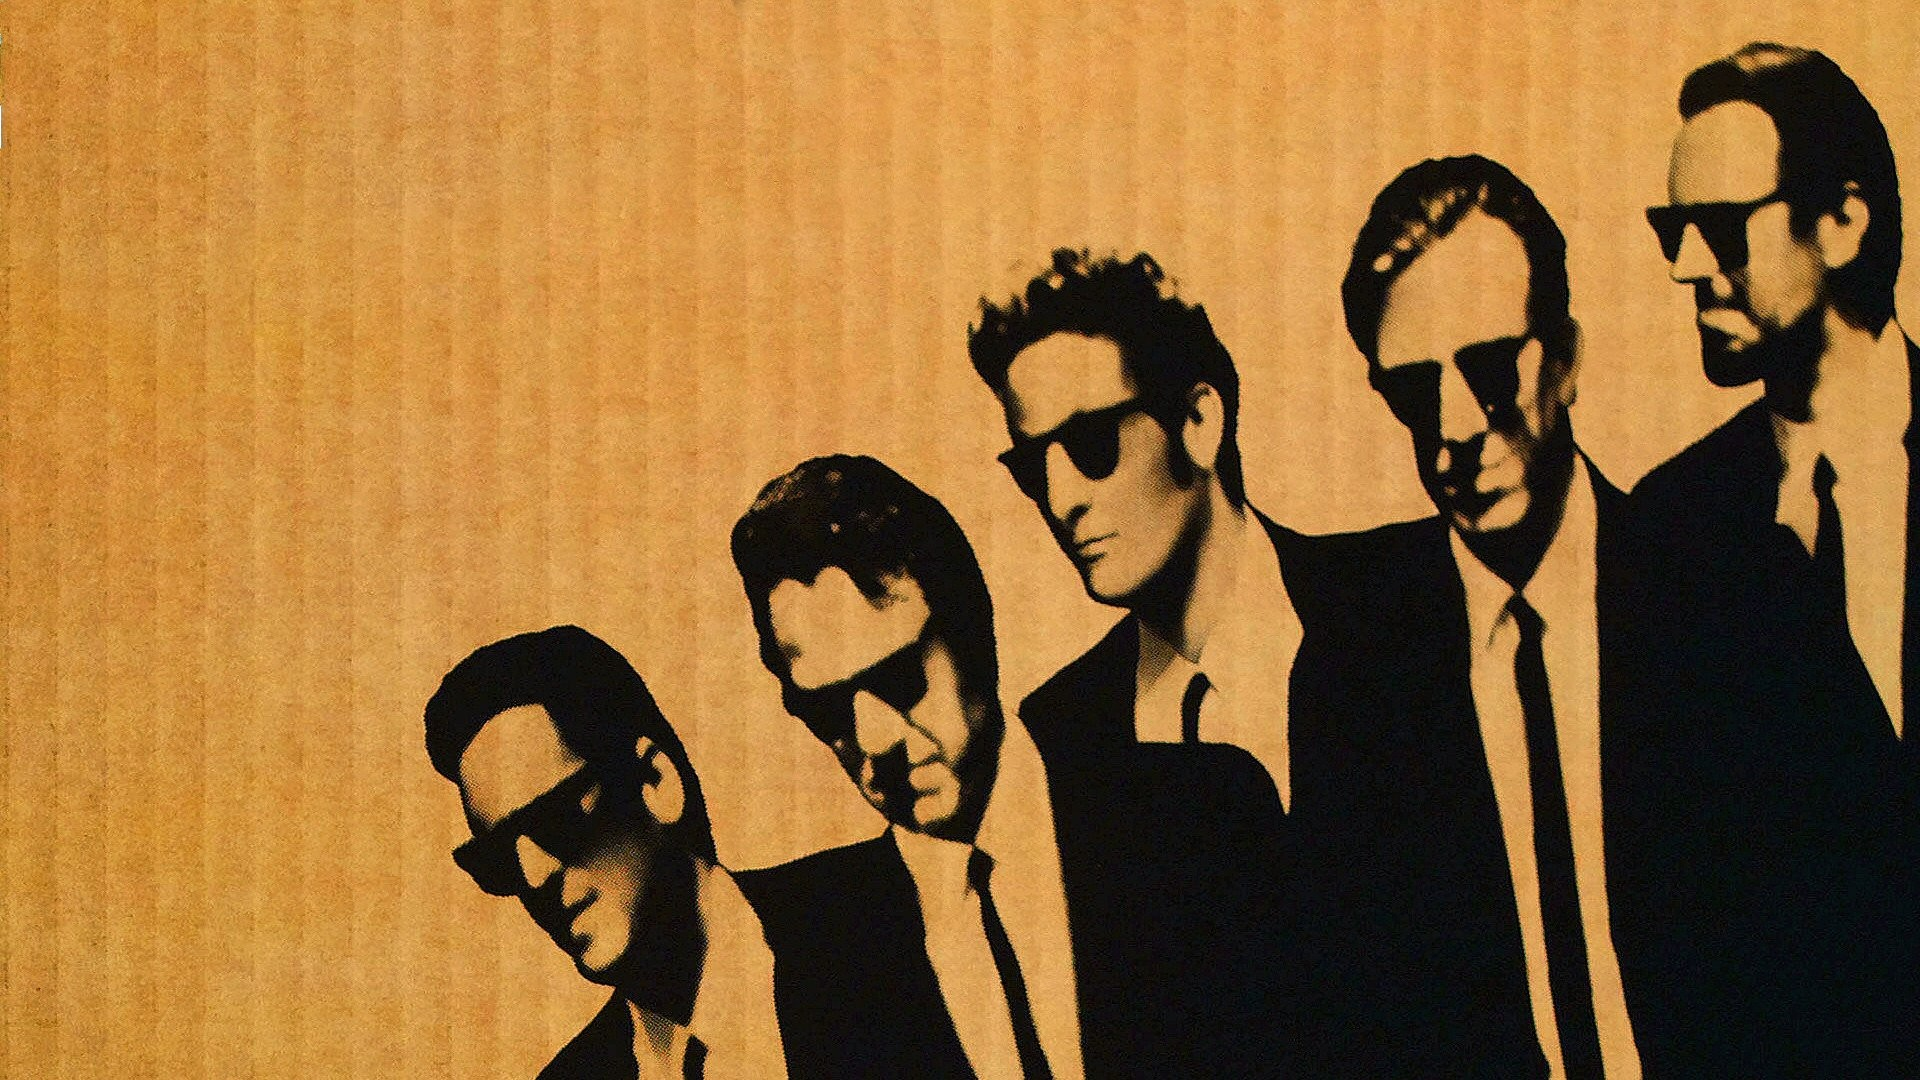 Movies men Reservoir Dogs Quentin Tarantino wallpaper     237534    WallpaperUP